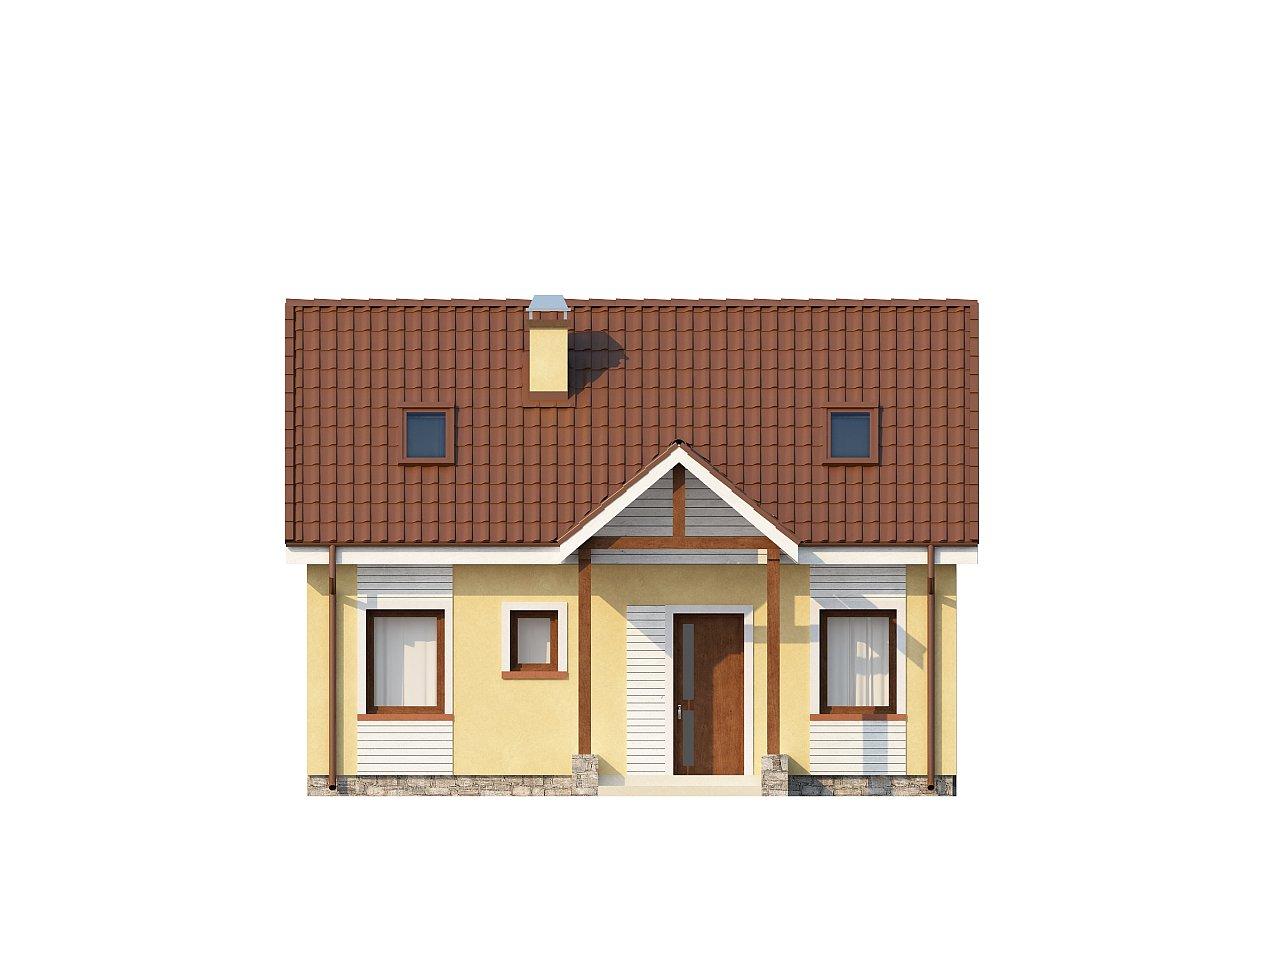 Компактный традиционный дом простой формы с двускатной крышей. 22